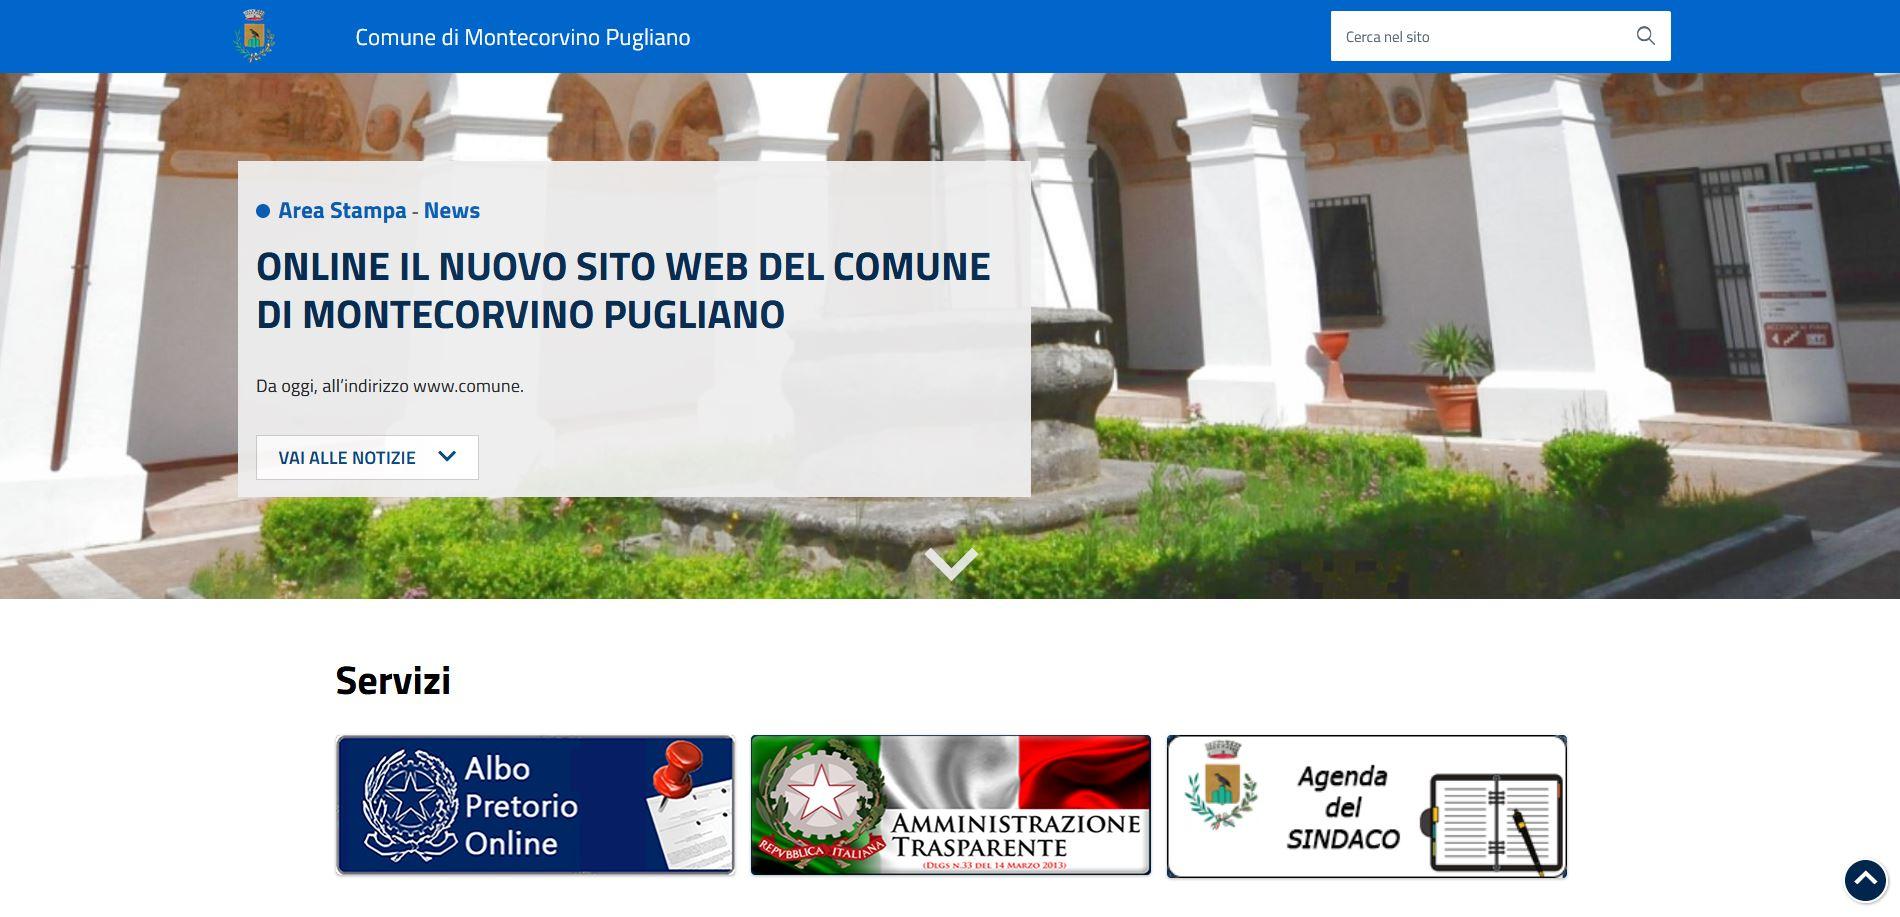 Online il nuovo sito web del Comune di Montecorvino Pugliano